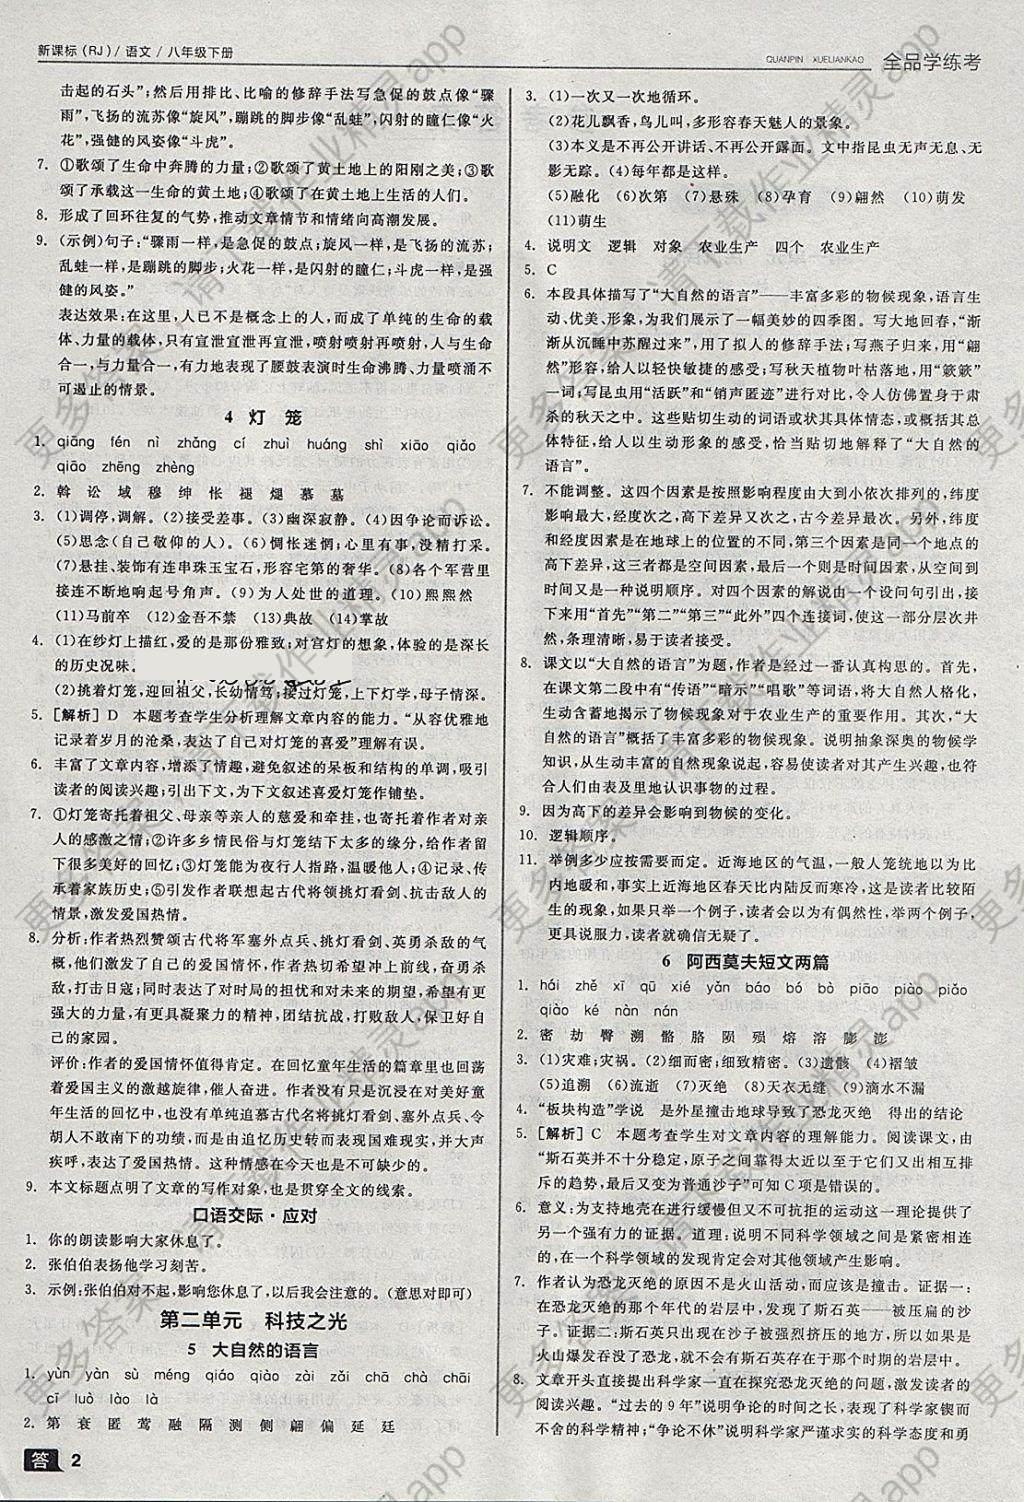 2018年全品学练考八年级语文下册人教版